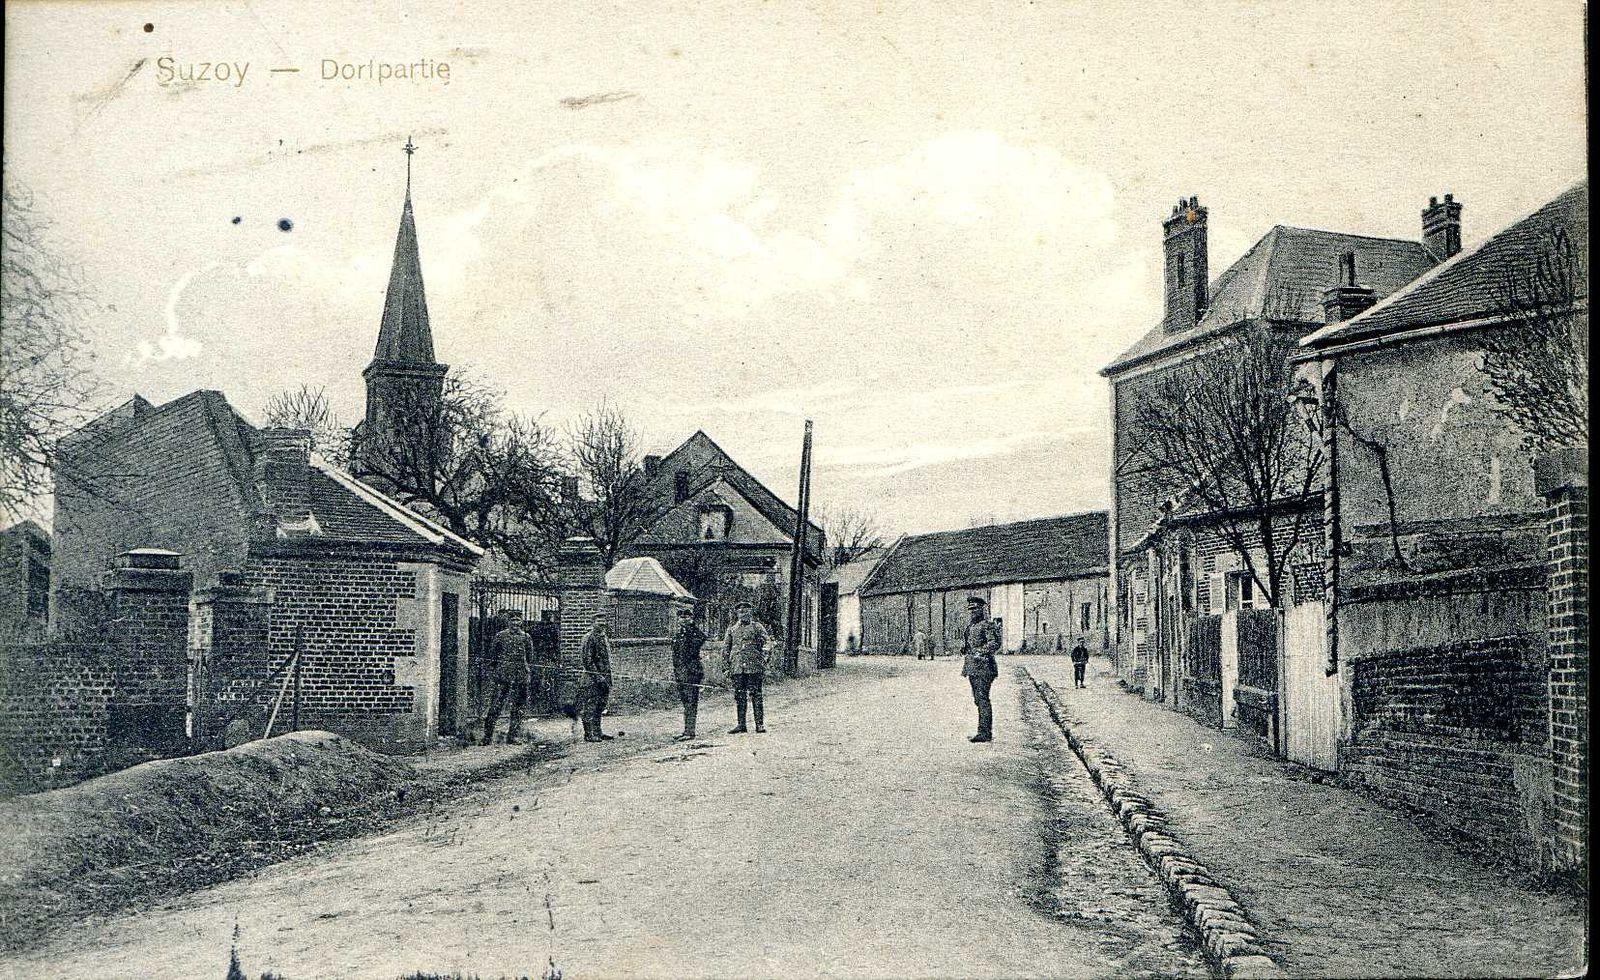 Album - le village de Suzoy (Oise), au cours de la guerre